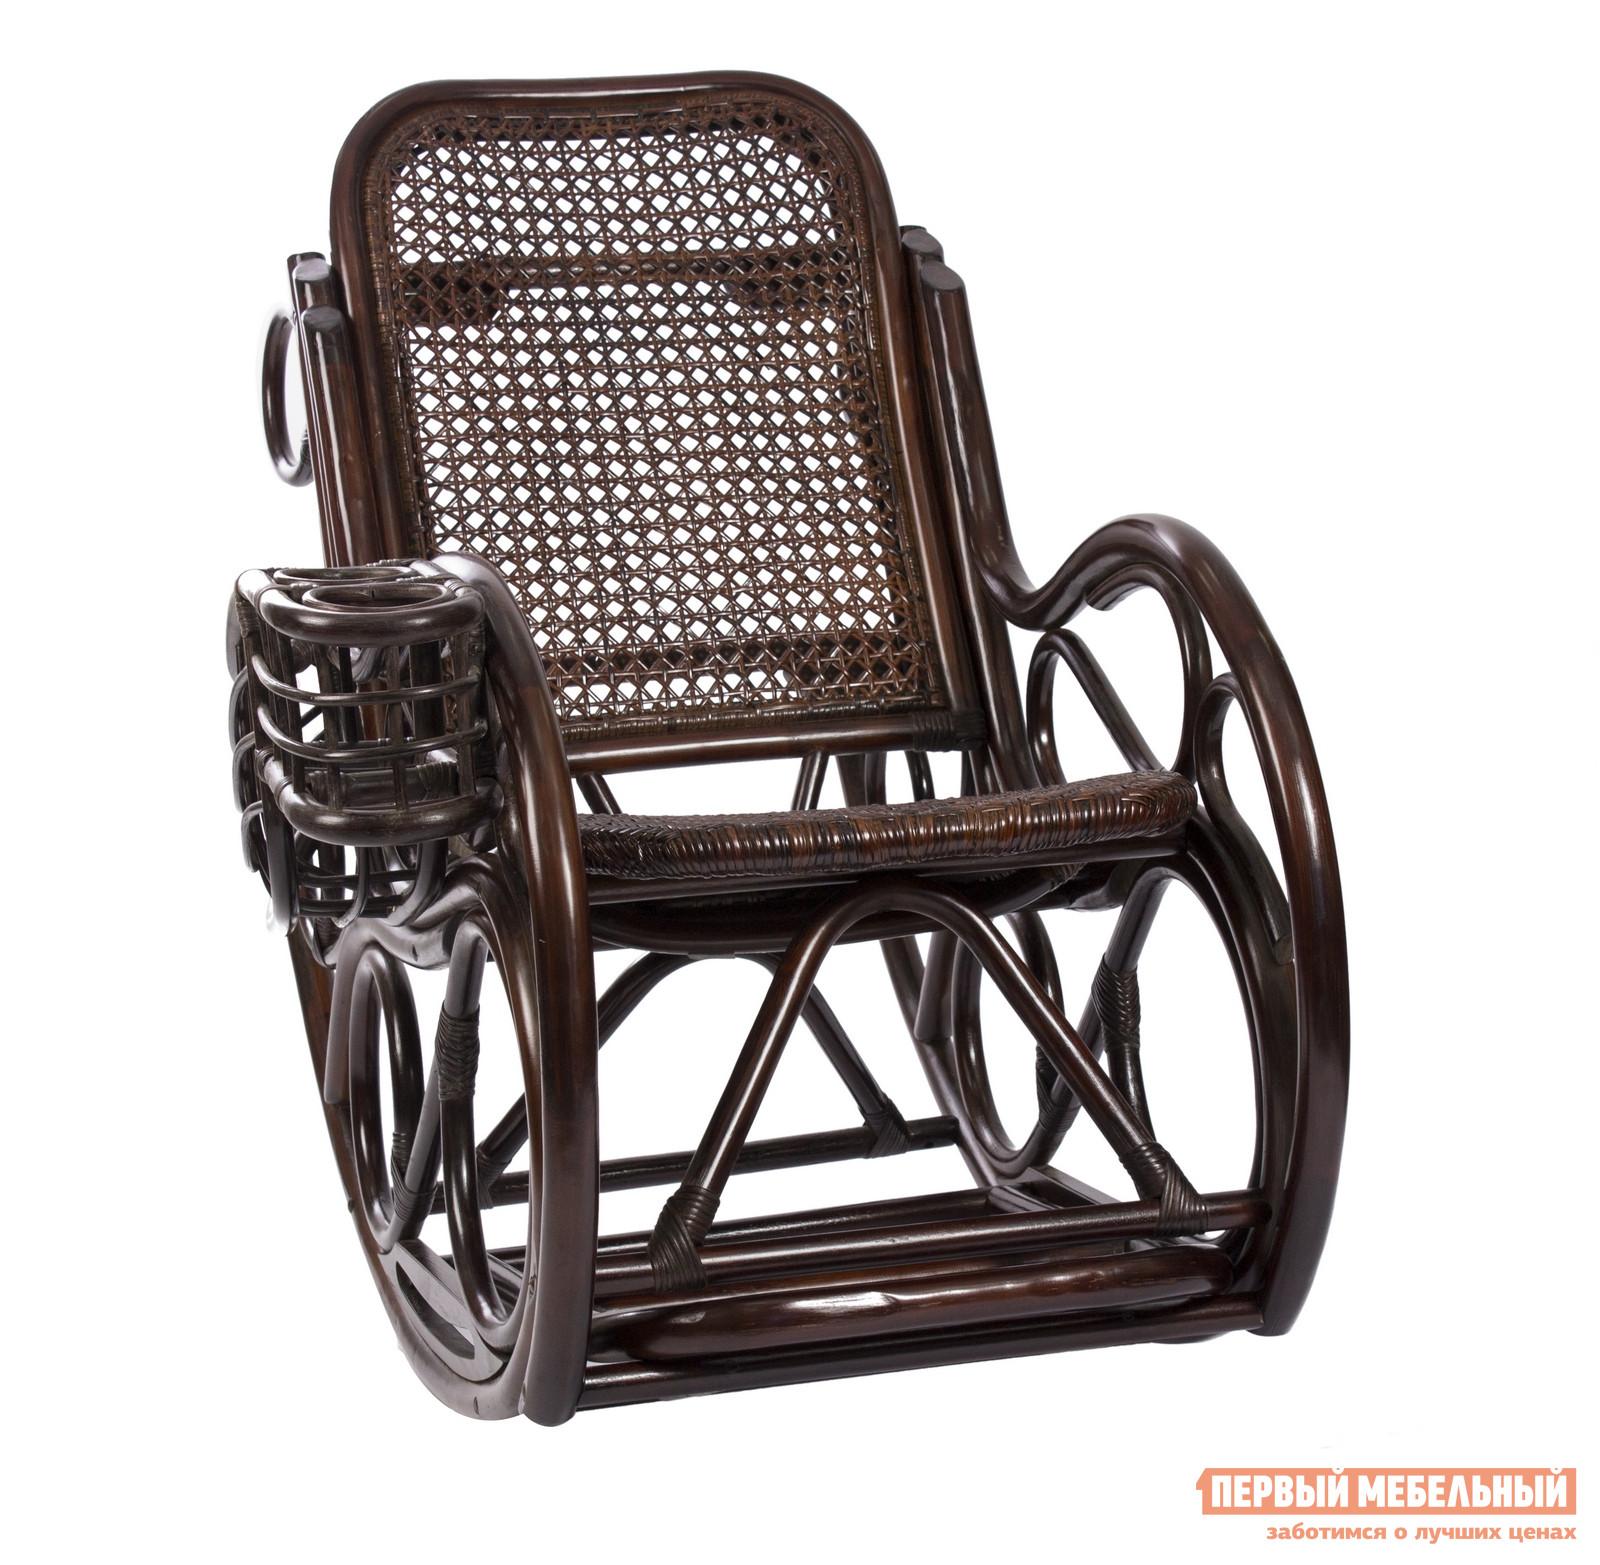 Кресло-качалка Мебель Импэкс Coral (Novo Lux) с подушкой Орех ротанг от Купистол